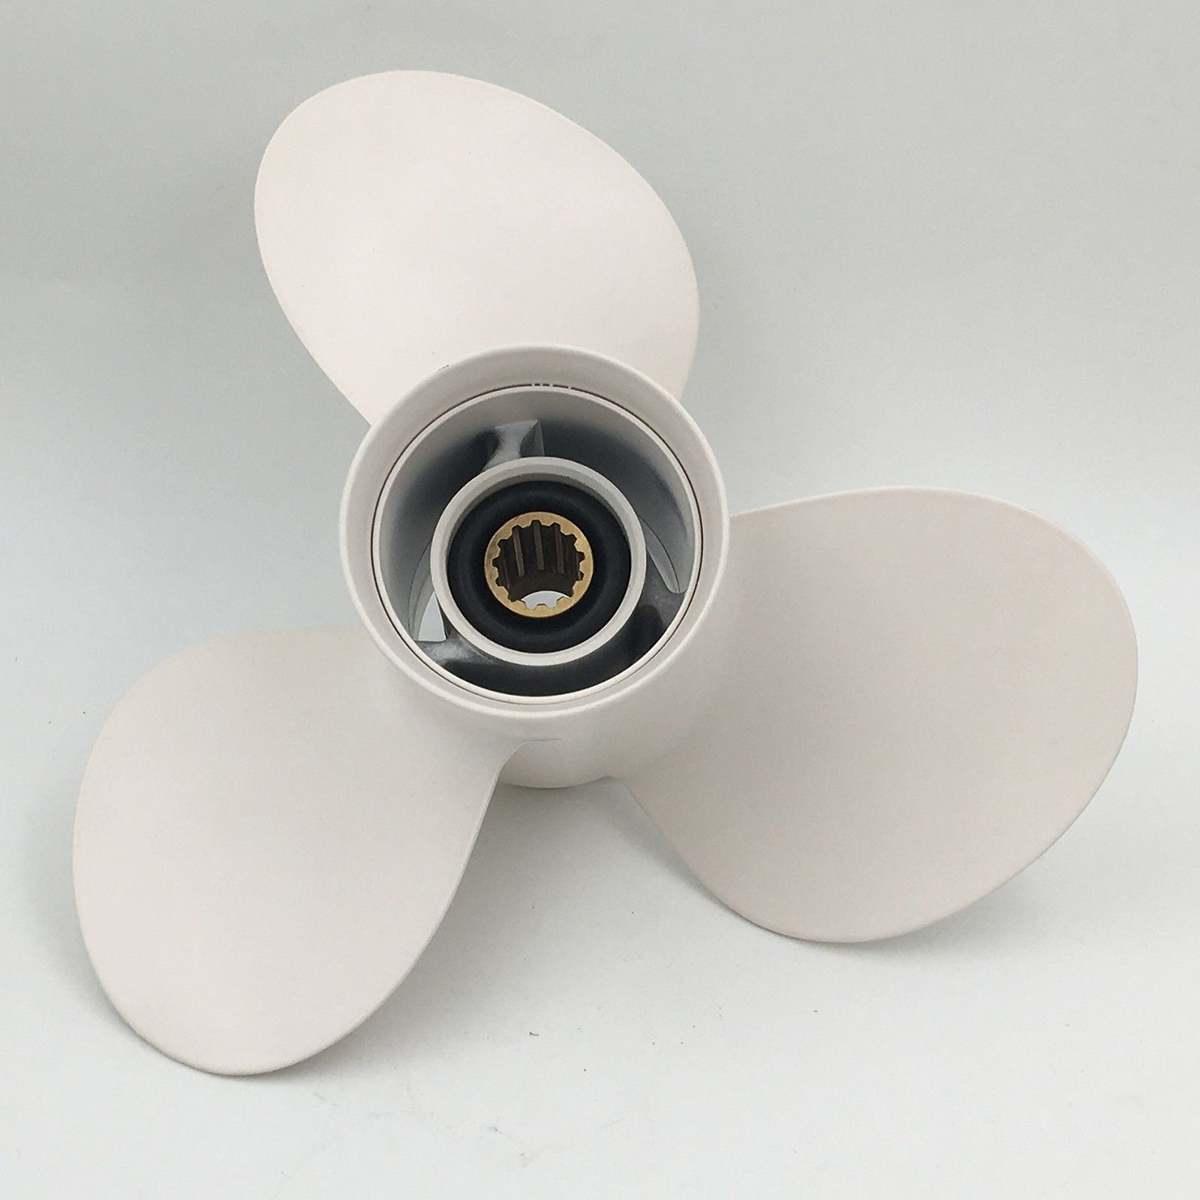 Blanco hélice fuera de borda de aluminio 11 1/8x13 para Yamaha 25-60HP 69W-45945-00-EL hélice Marina barco accesorios de partes de